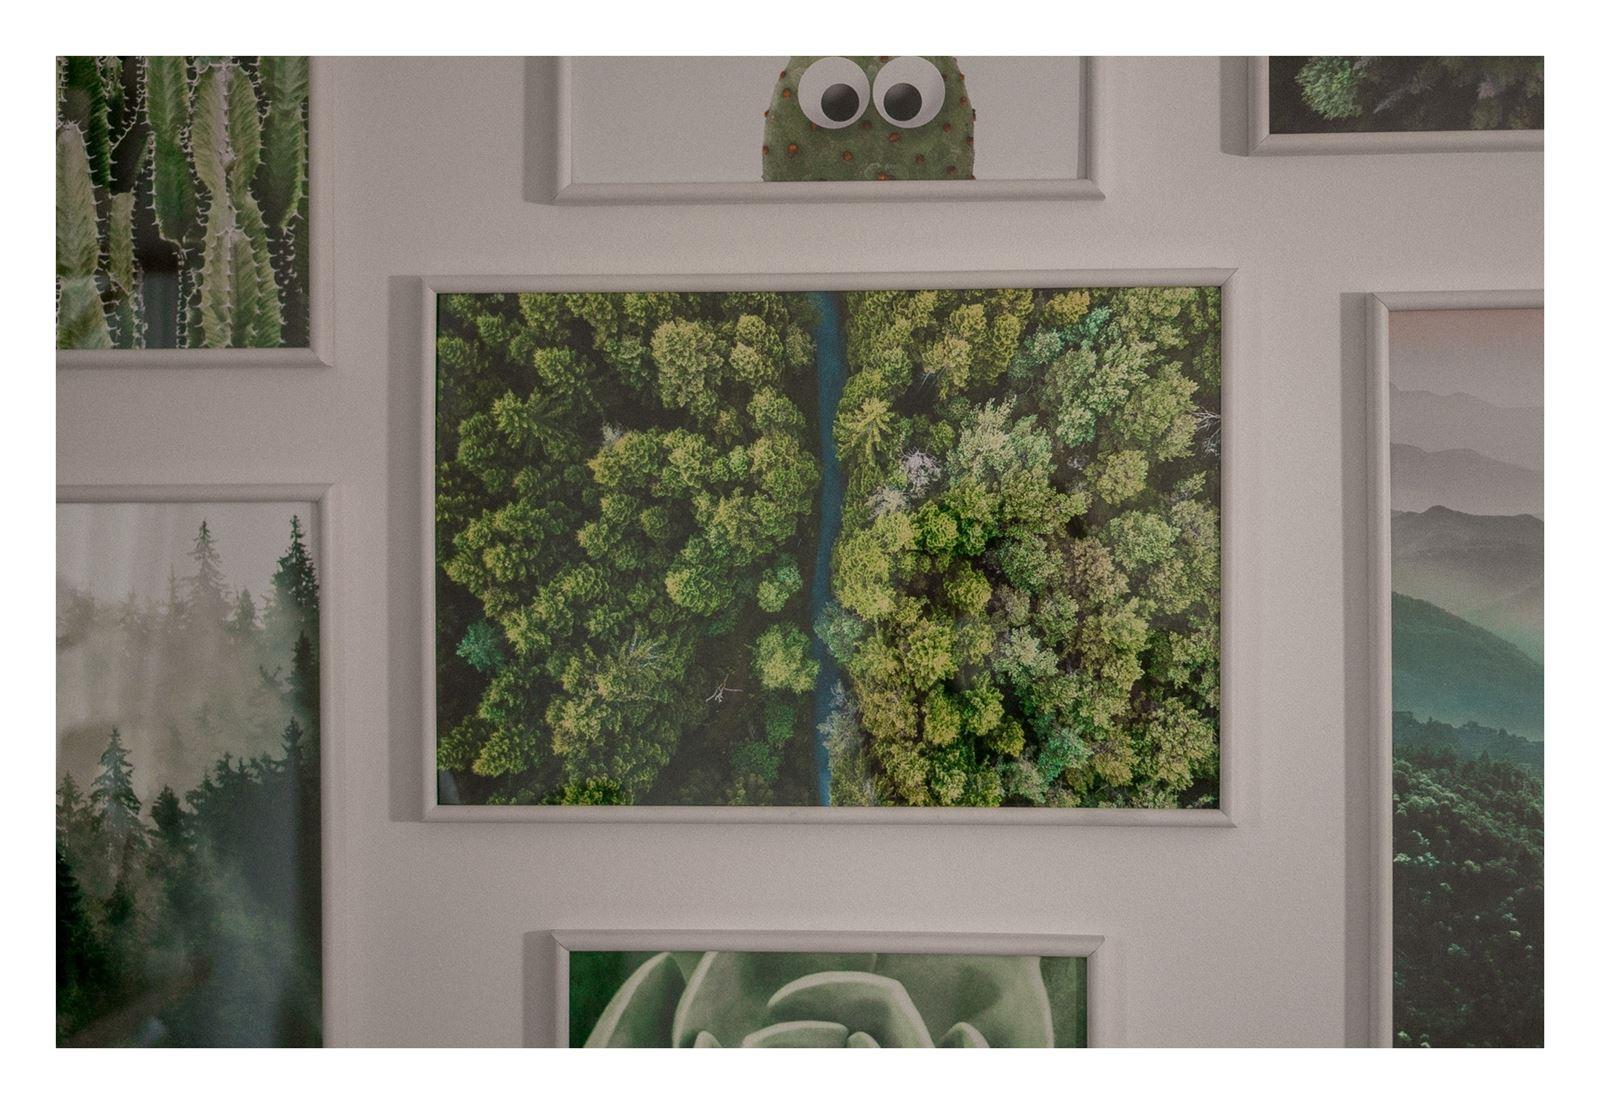 16 jak urządzić biuro w domu - dekoracje do biura, zielona ściana w mieszkaniu, jak zaprojektować galerię plakatów, plakaty krajobrazy rośliny na ścianę jak zawiesić obraz na ścianie ozdoby do biura